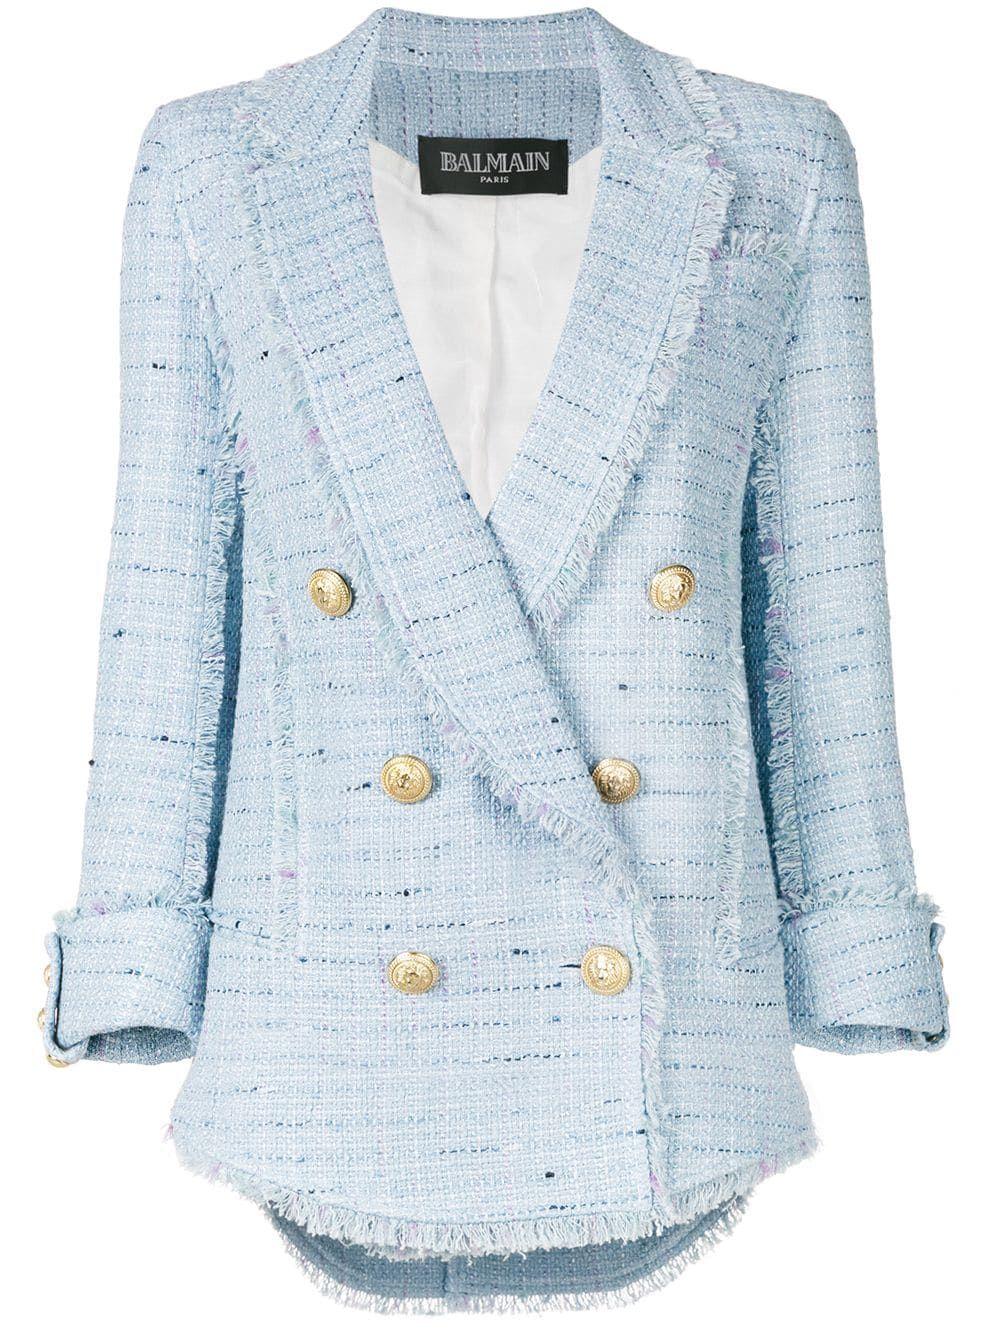 bc2adbd2f04b Balmain двубортный твидовый пиджак   Наряды   Твидовый пиджак ...